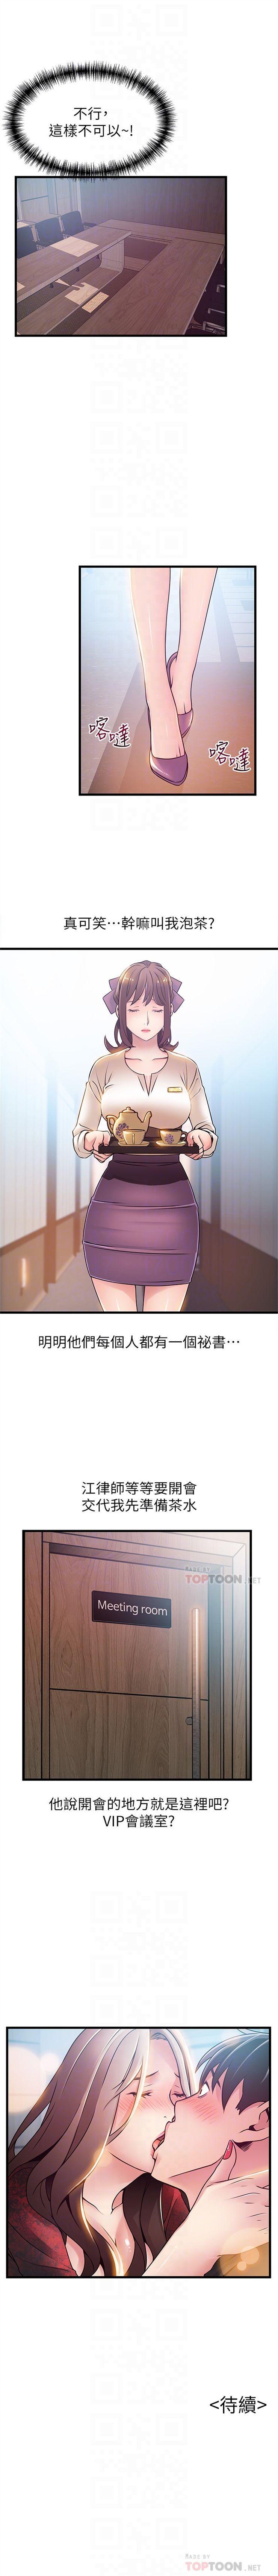 (周7)弱点 1-66 中文翻译(更新中) 313